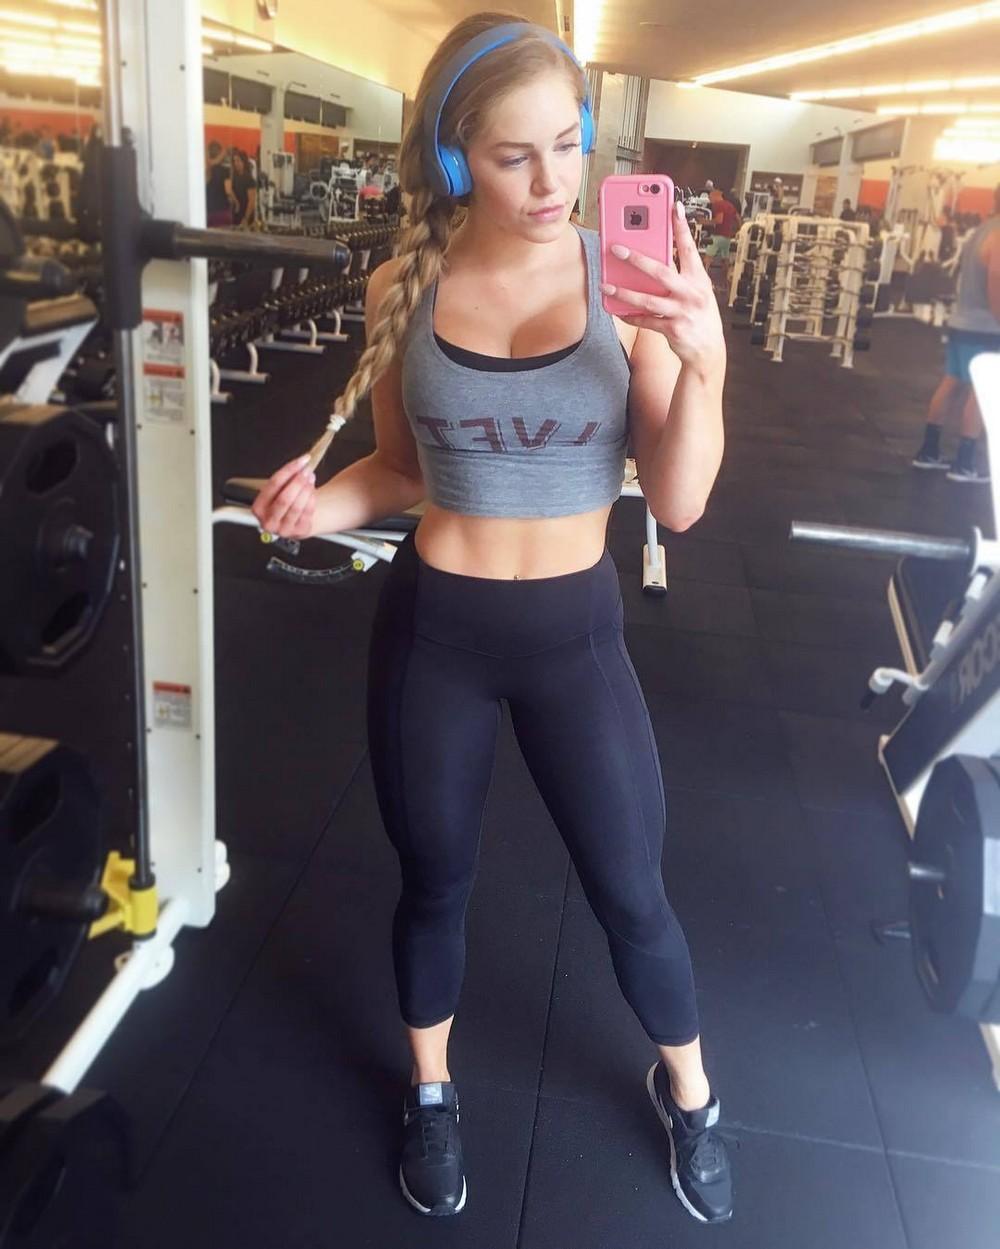 Красивые девушки в спортивных бюстгальтерах